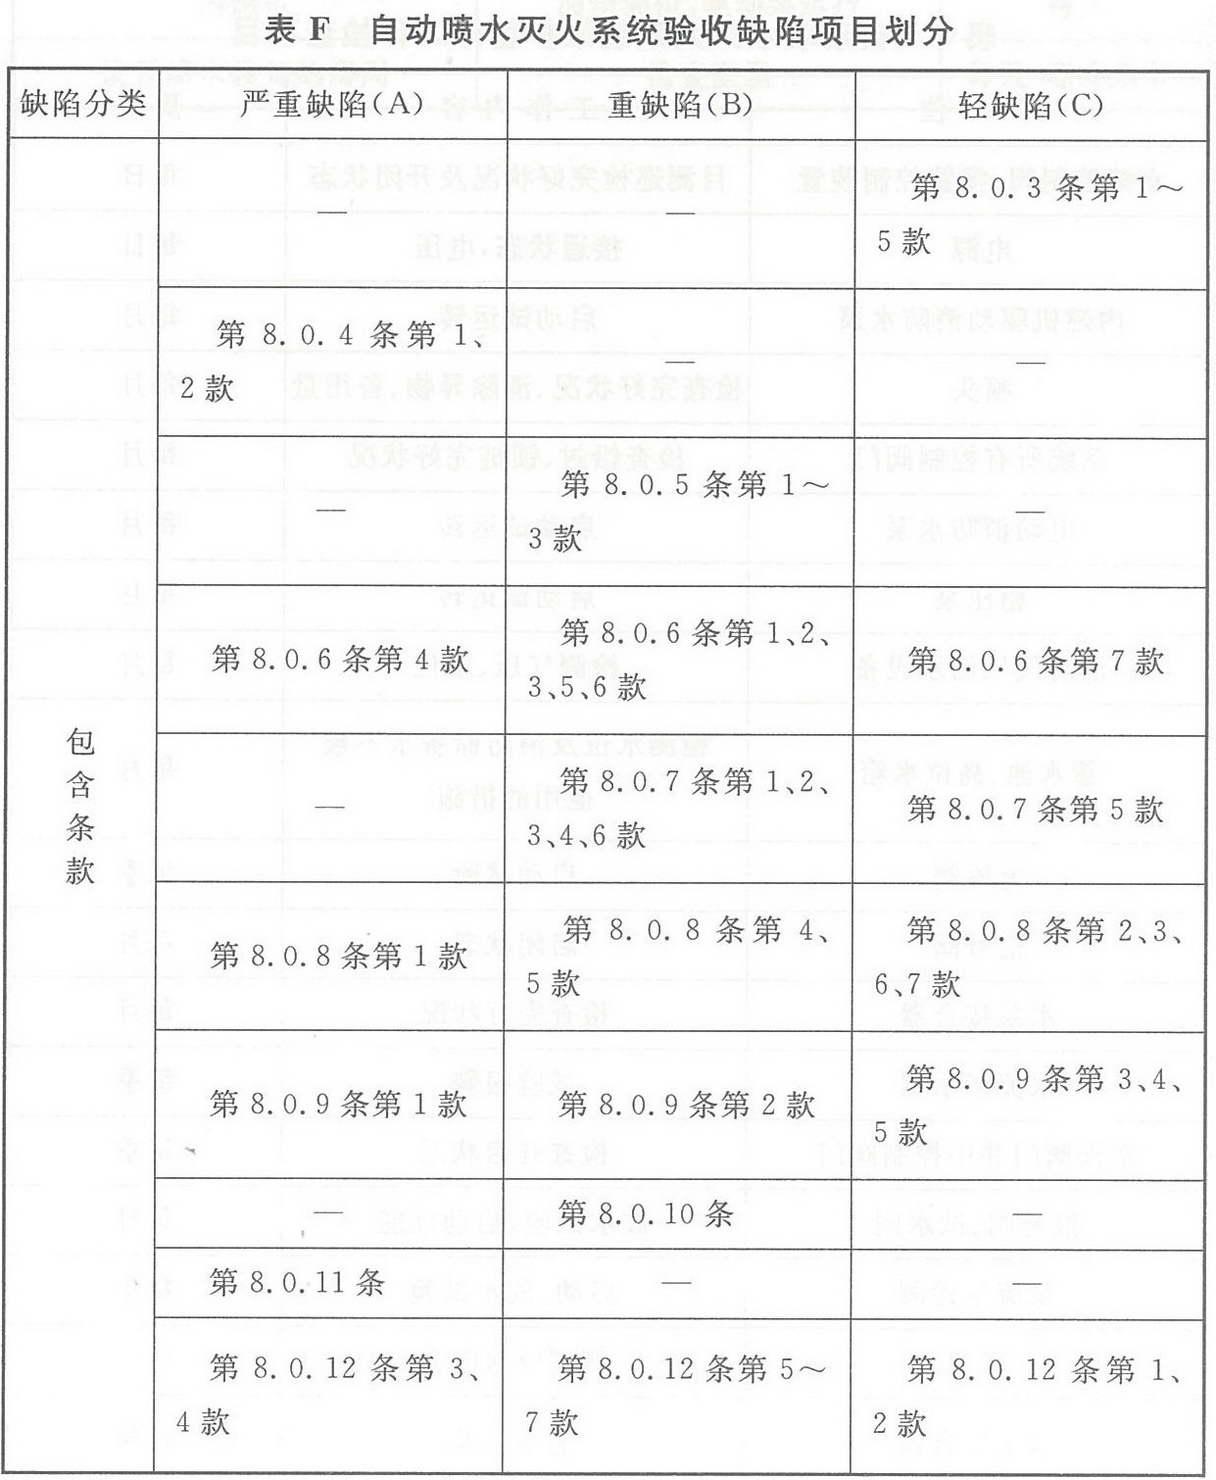 表F 自动喷水灭火系统验收缺陷项目划分